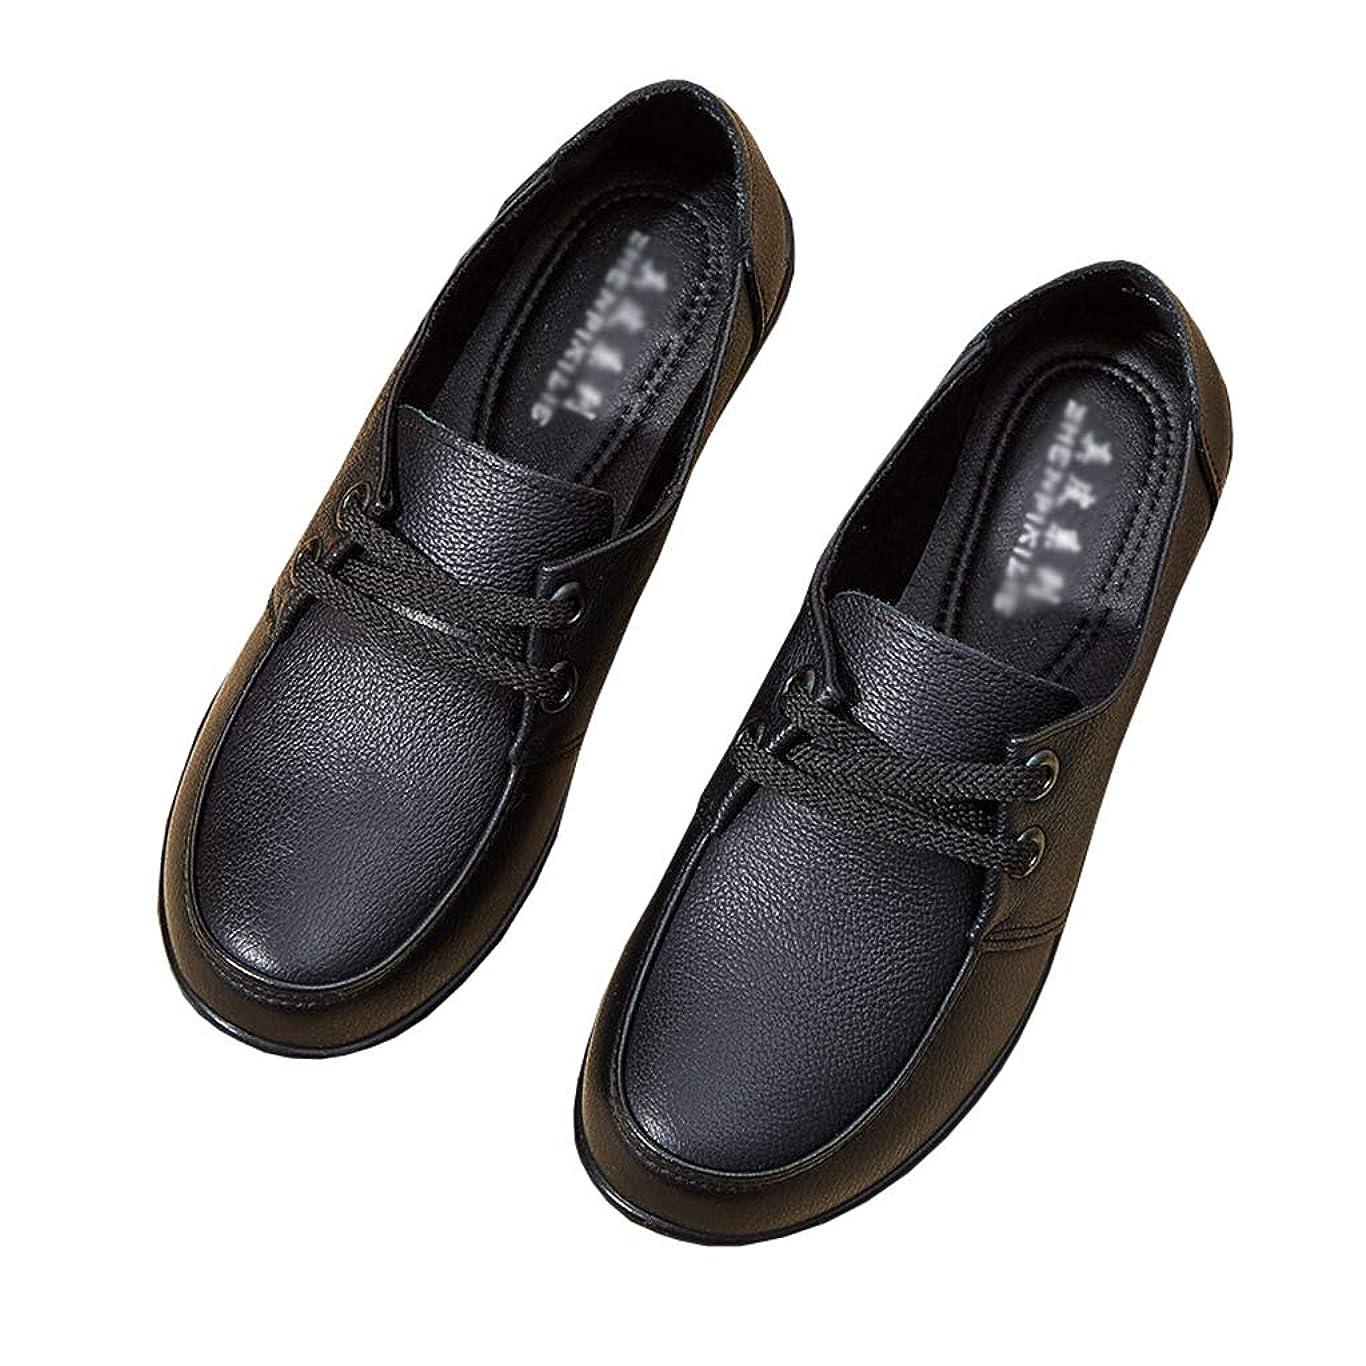 言語ネイティブ結果として[実りの秋] シニアシューズ レディース 25.5CMまで お年寄りシューズ 編み上げ 疲れにくい 滑り止め 婦人靴 モカシン 介護用 軽量 安定感 通気性 高齢者 母の日 敬老の日 通年